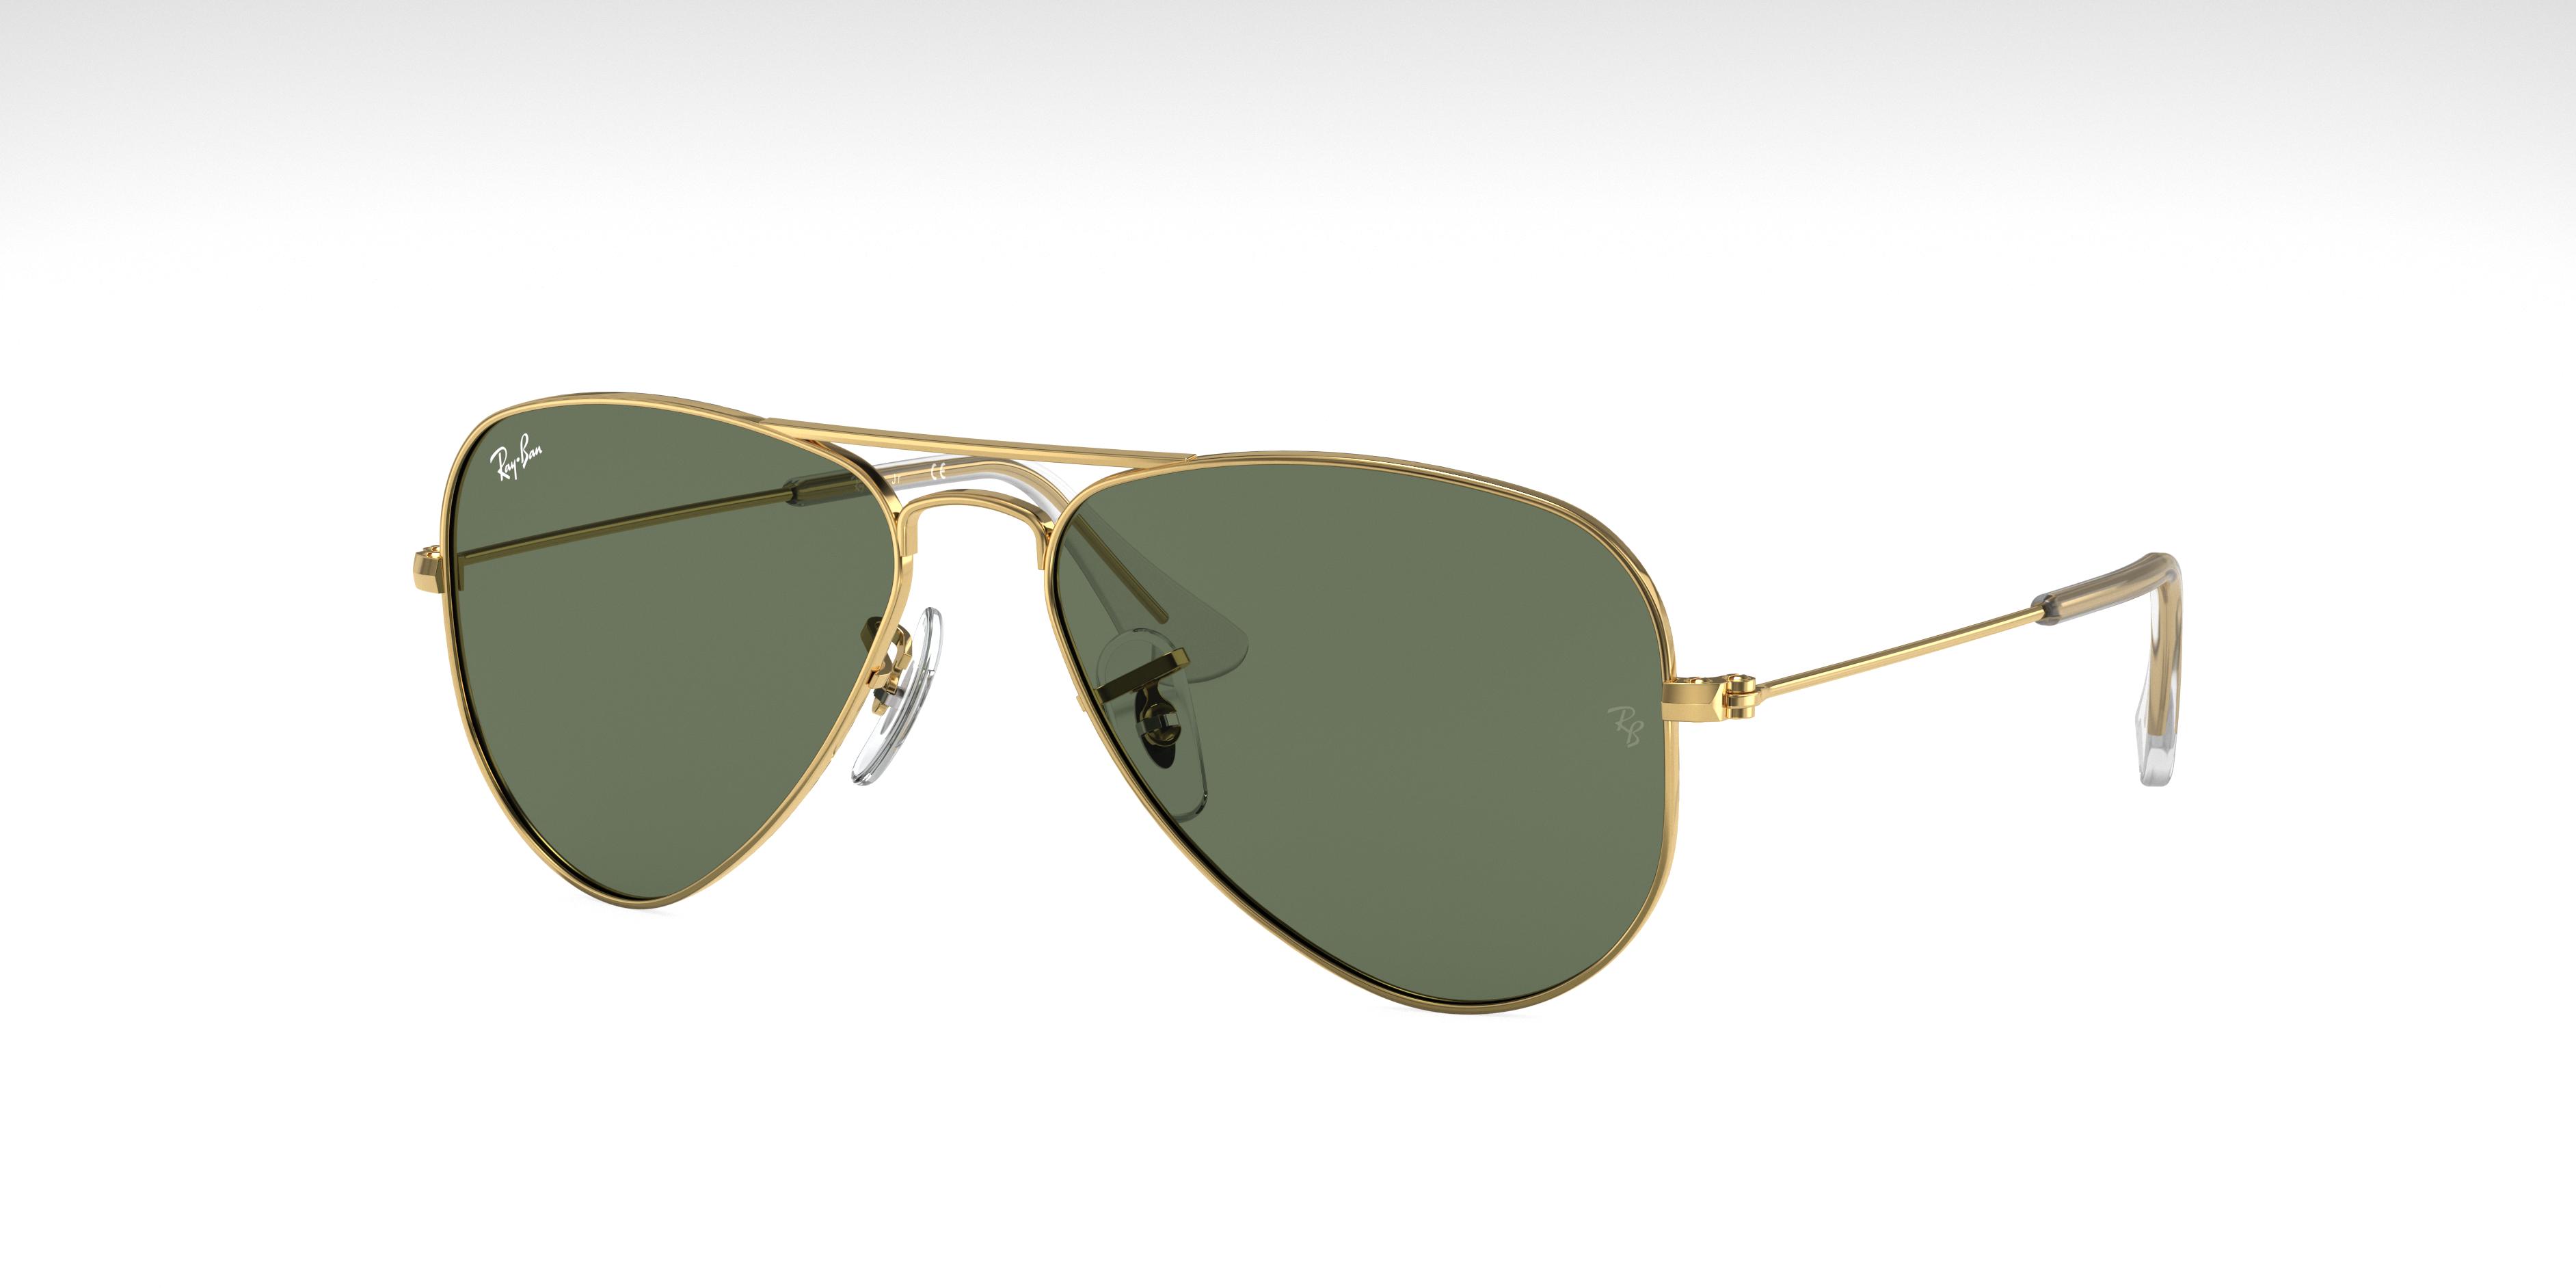 Ray-Ban Aviator Junior Gold, Green Lenses - RJ9506S